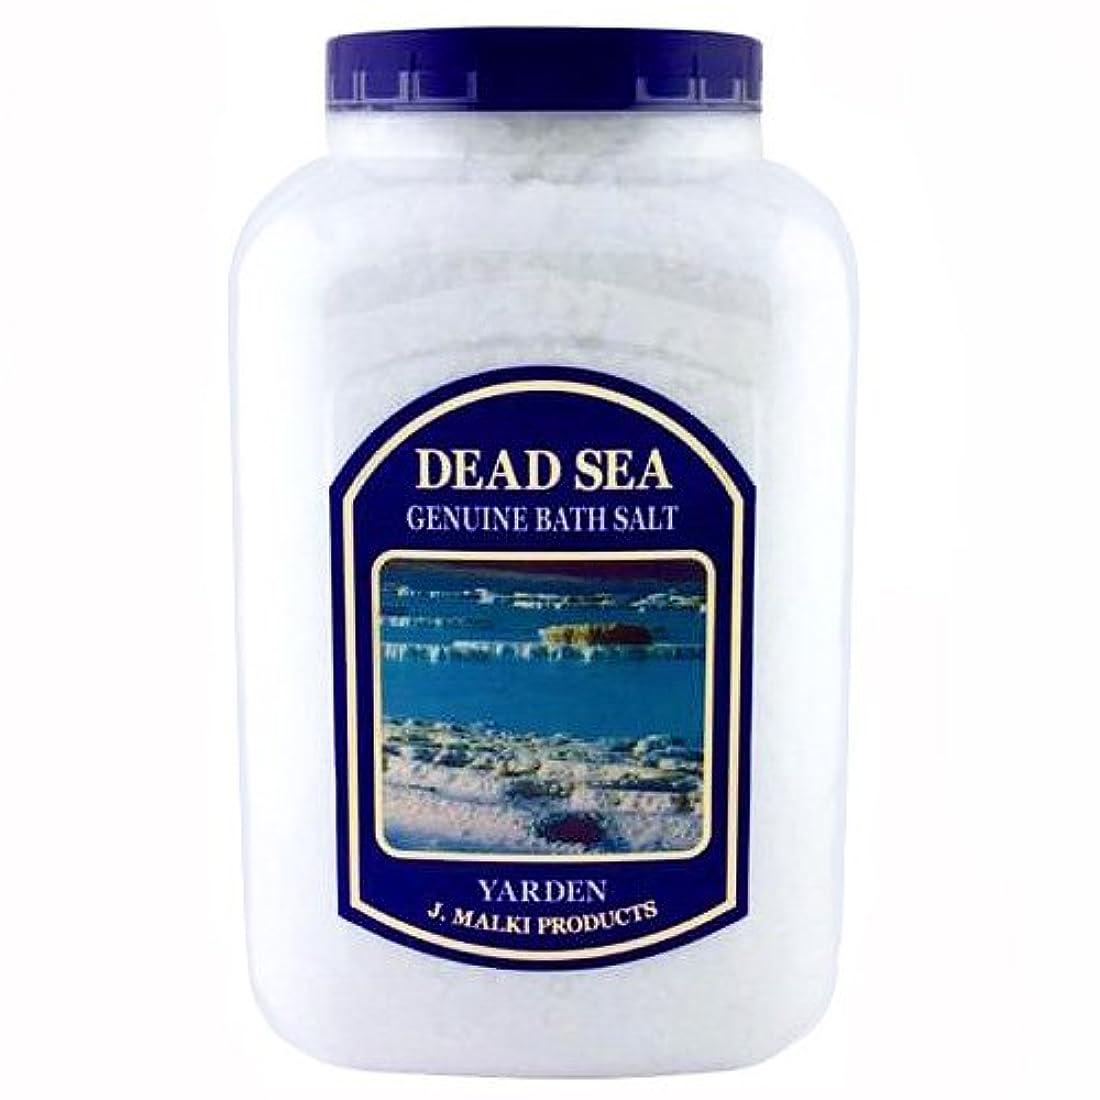 受粉する電子レンジ阻害するデッドシー?バスソルト 4.5kg(約45回分)【DEAD SEA BATH SALT】死海の塩/入浴剤(入浴用化粧品)【正規販売店】